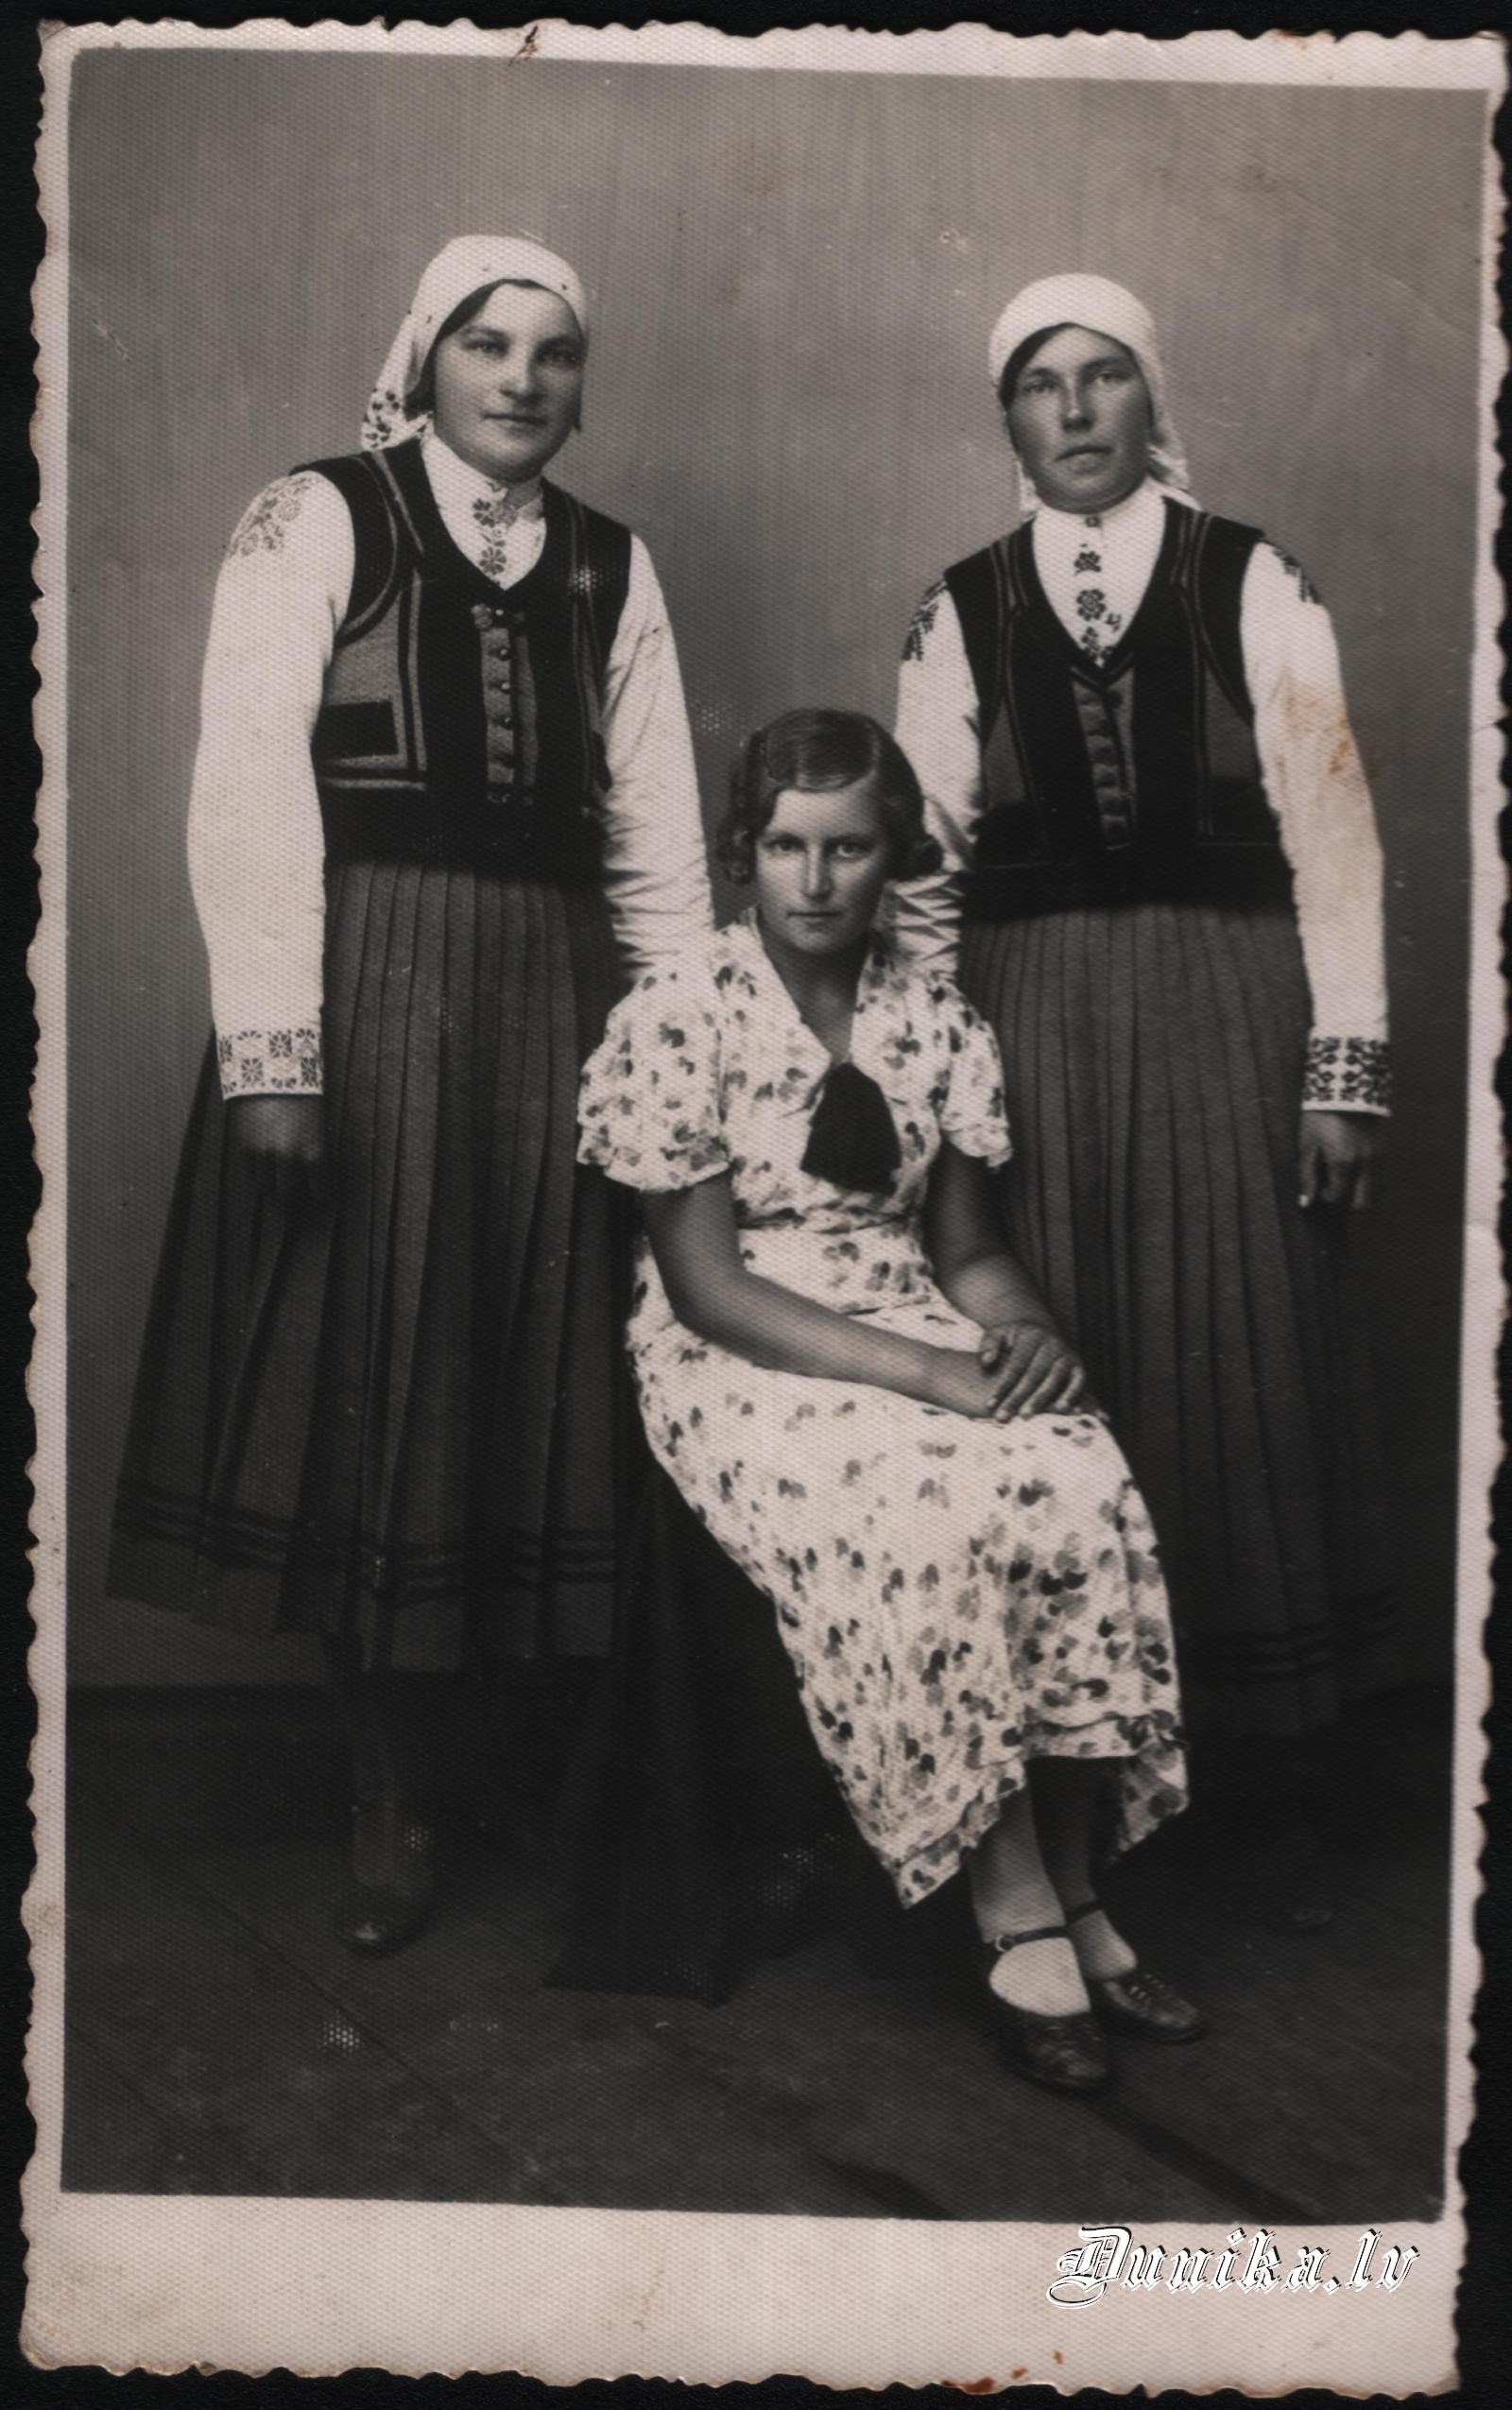 Bārta, Nīca, Rucava